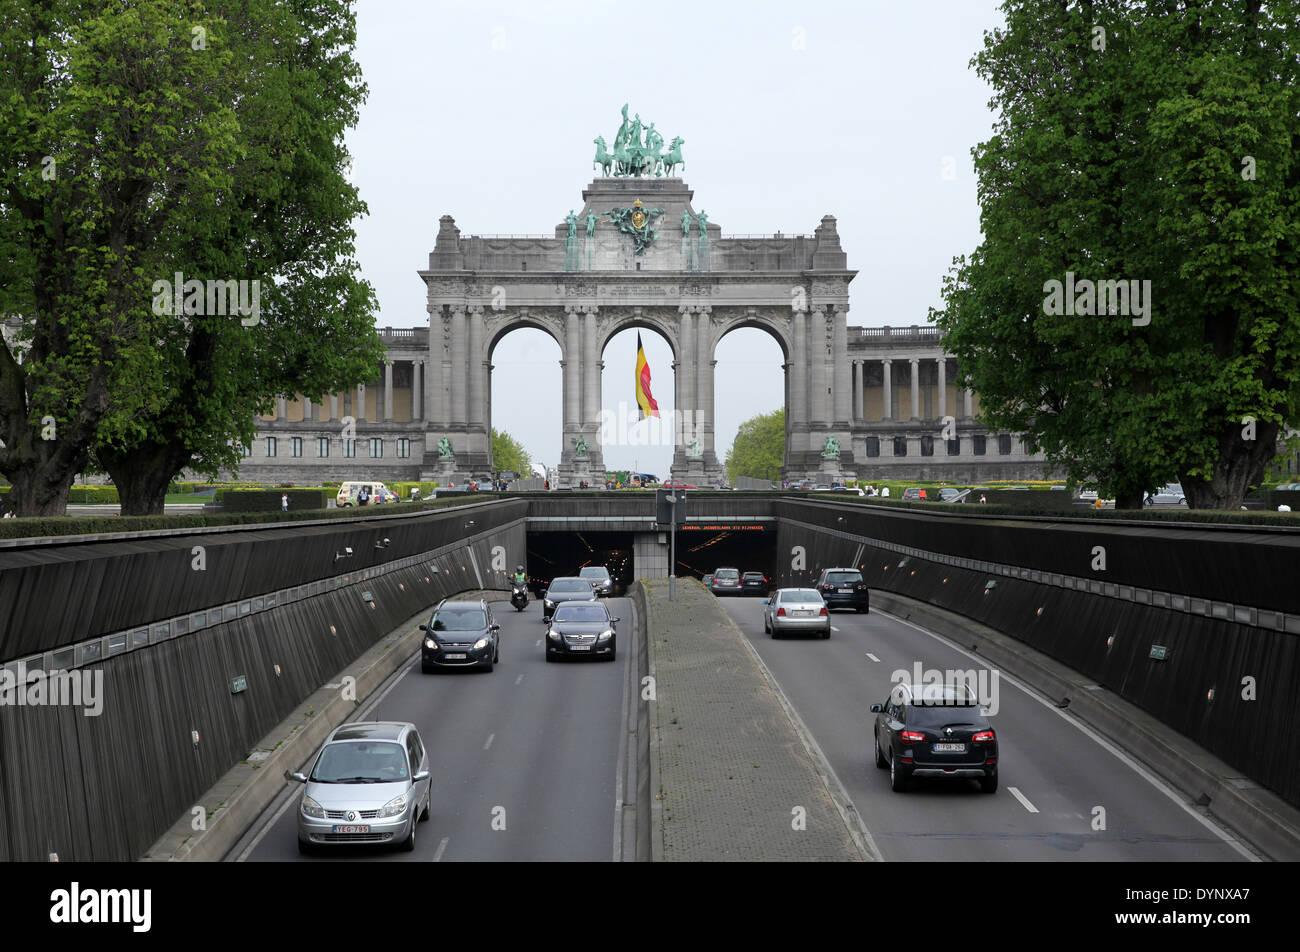 L'Arc de Triomphe.Parc du Cinquantenaire.Le Parc du Cinquantenaire.ou le Parc du Cinquantenaire.public parc urbain à Bruxelles.Belgique. Photo Stock